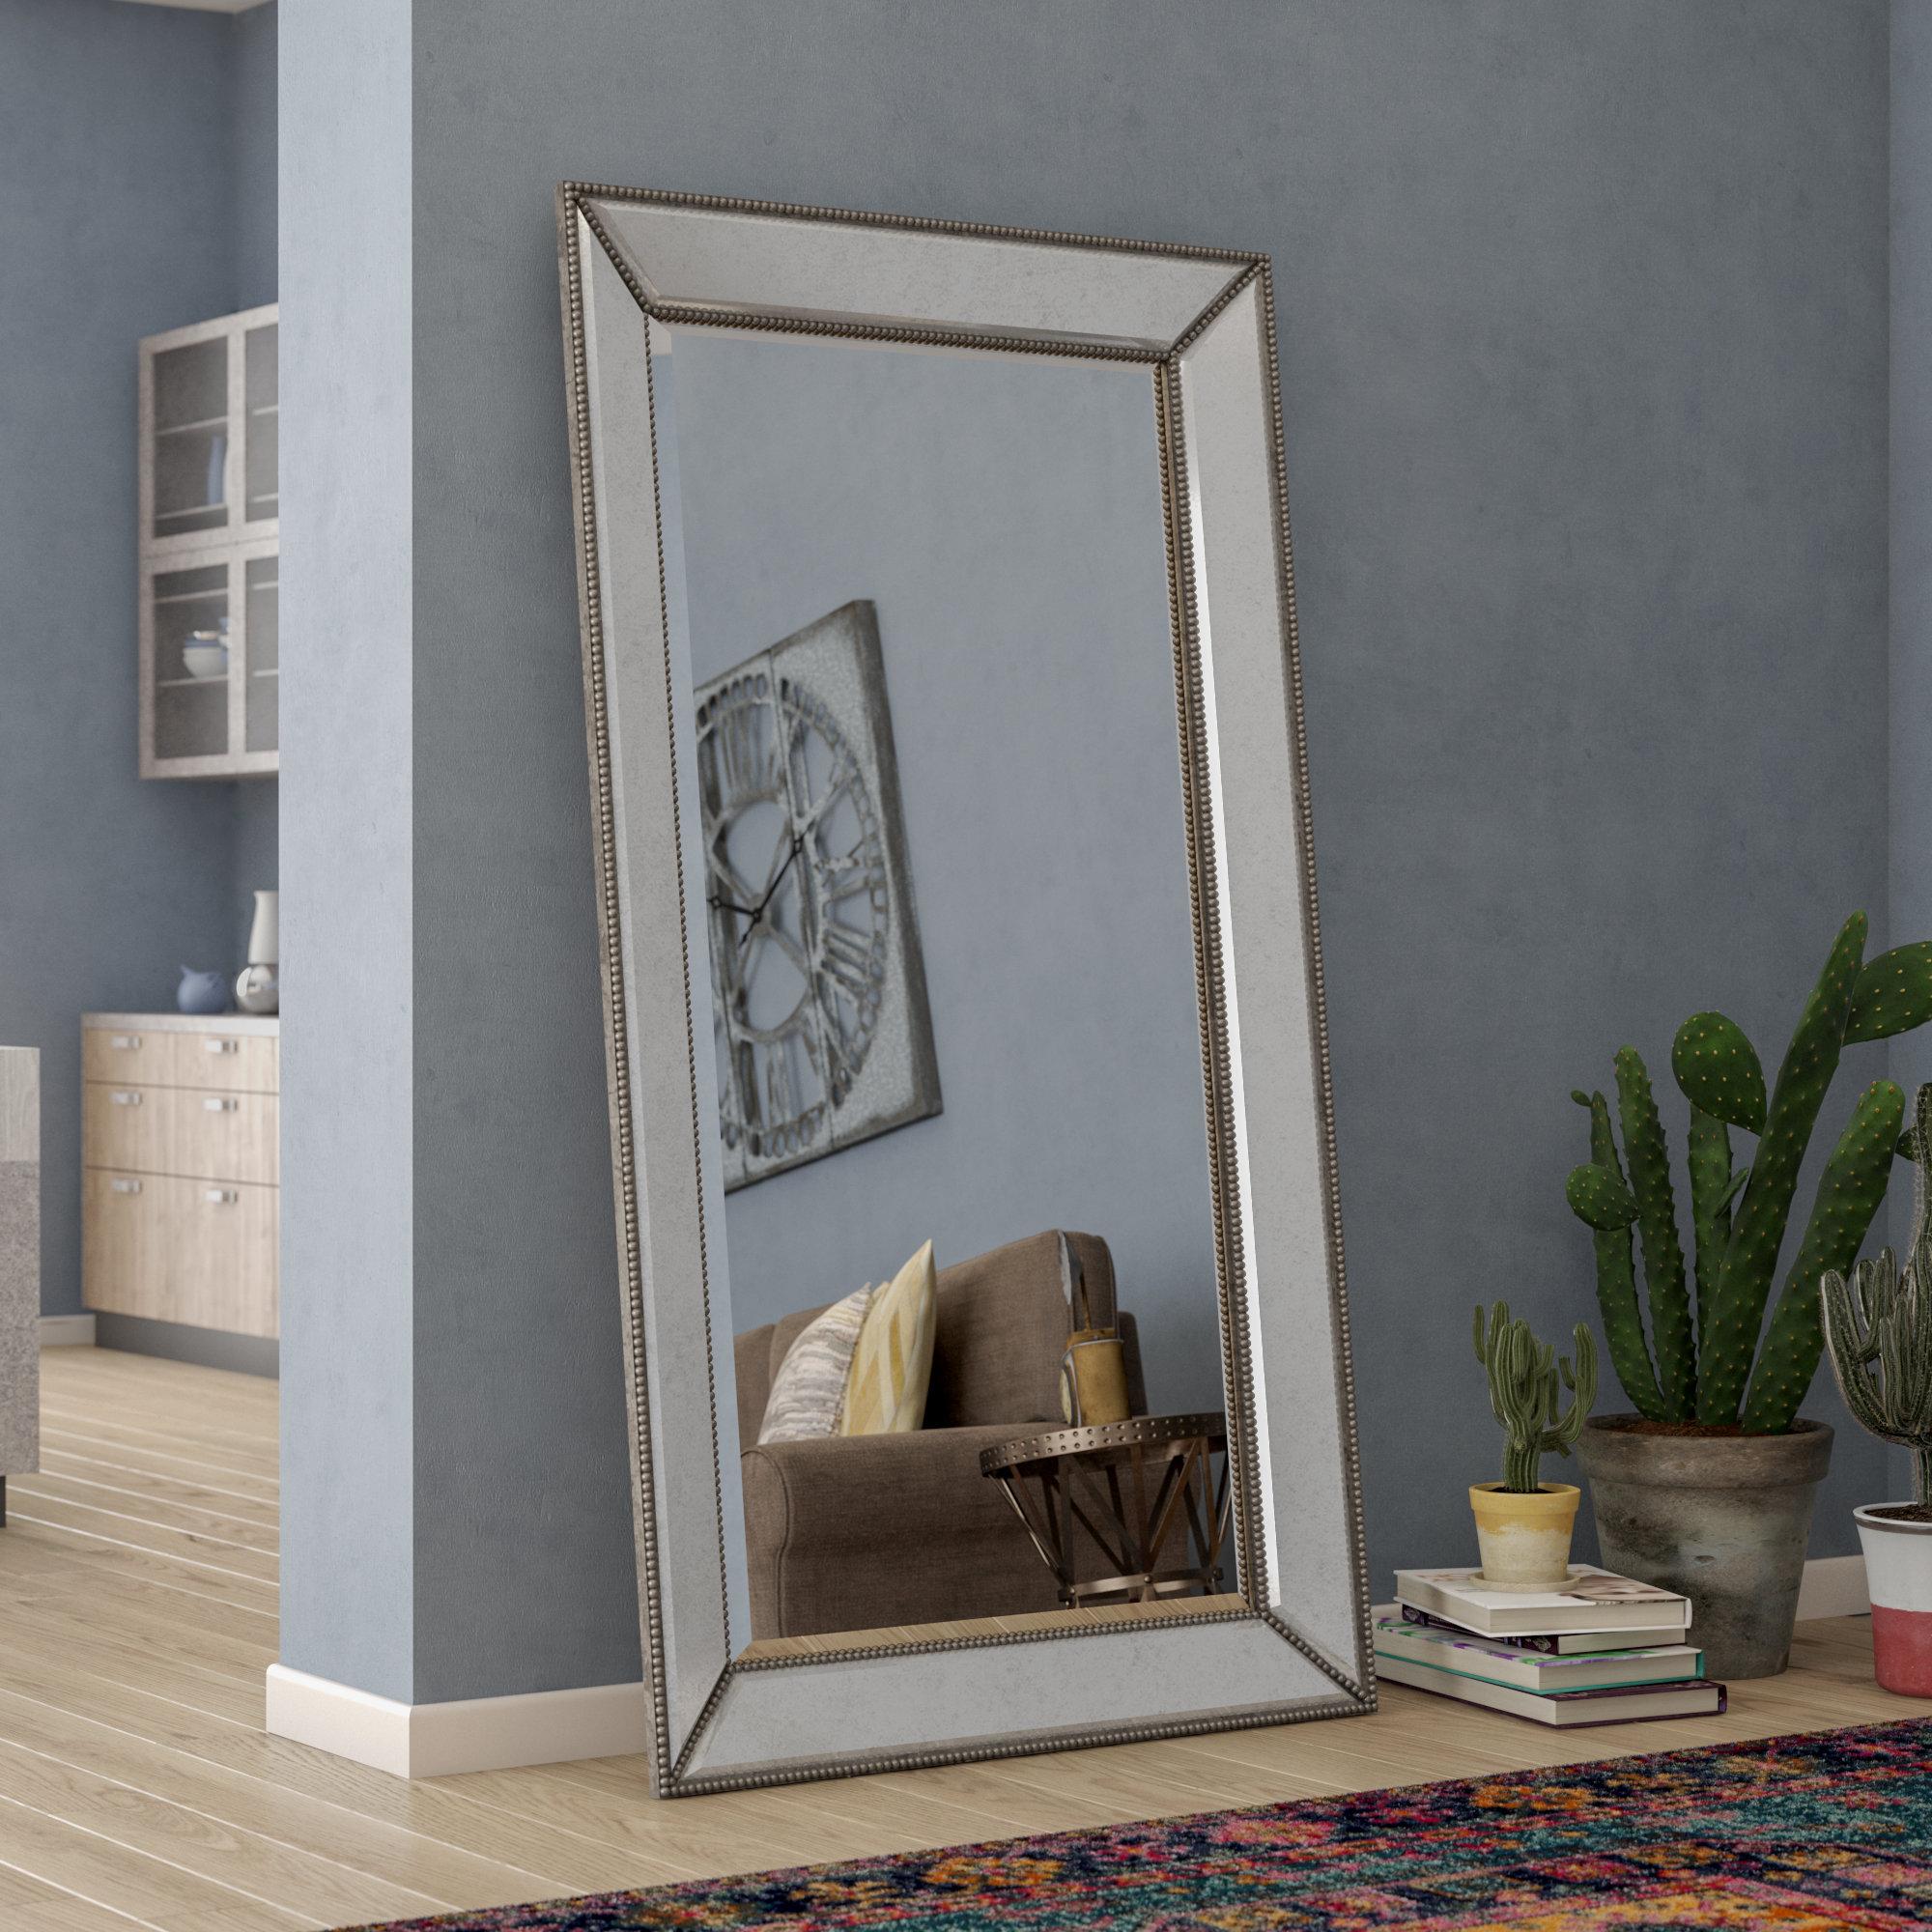 Floor Leaner Mirror | Wayfair Regarding Leaning Mirrors (View 2 of 20)